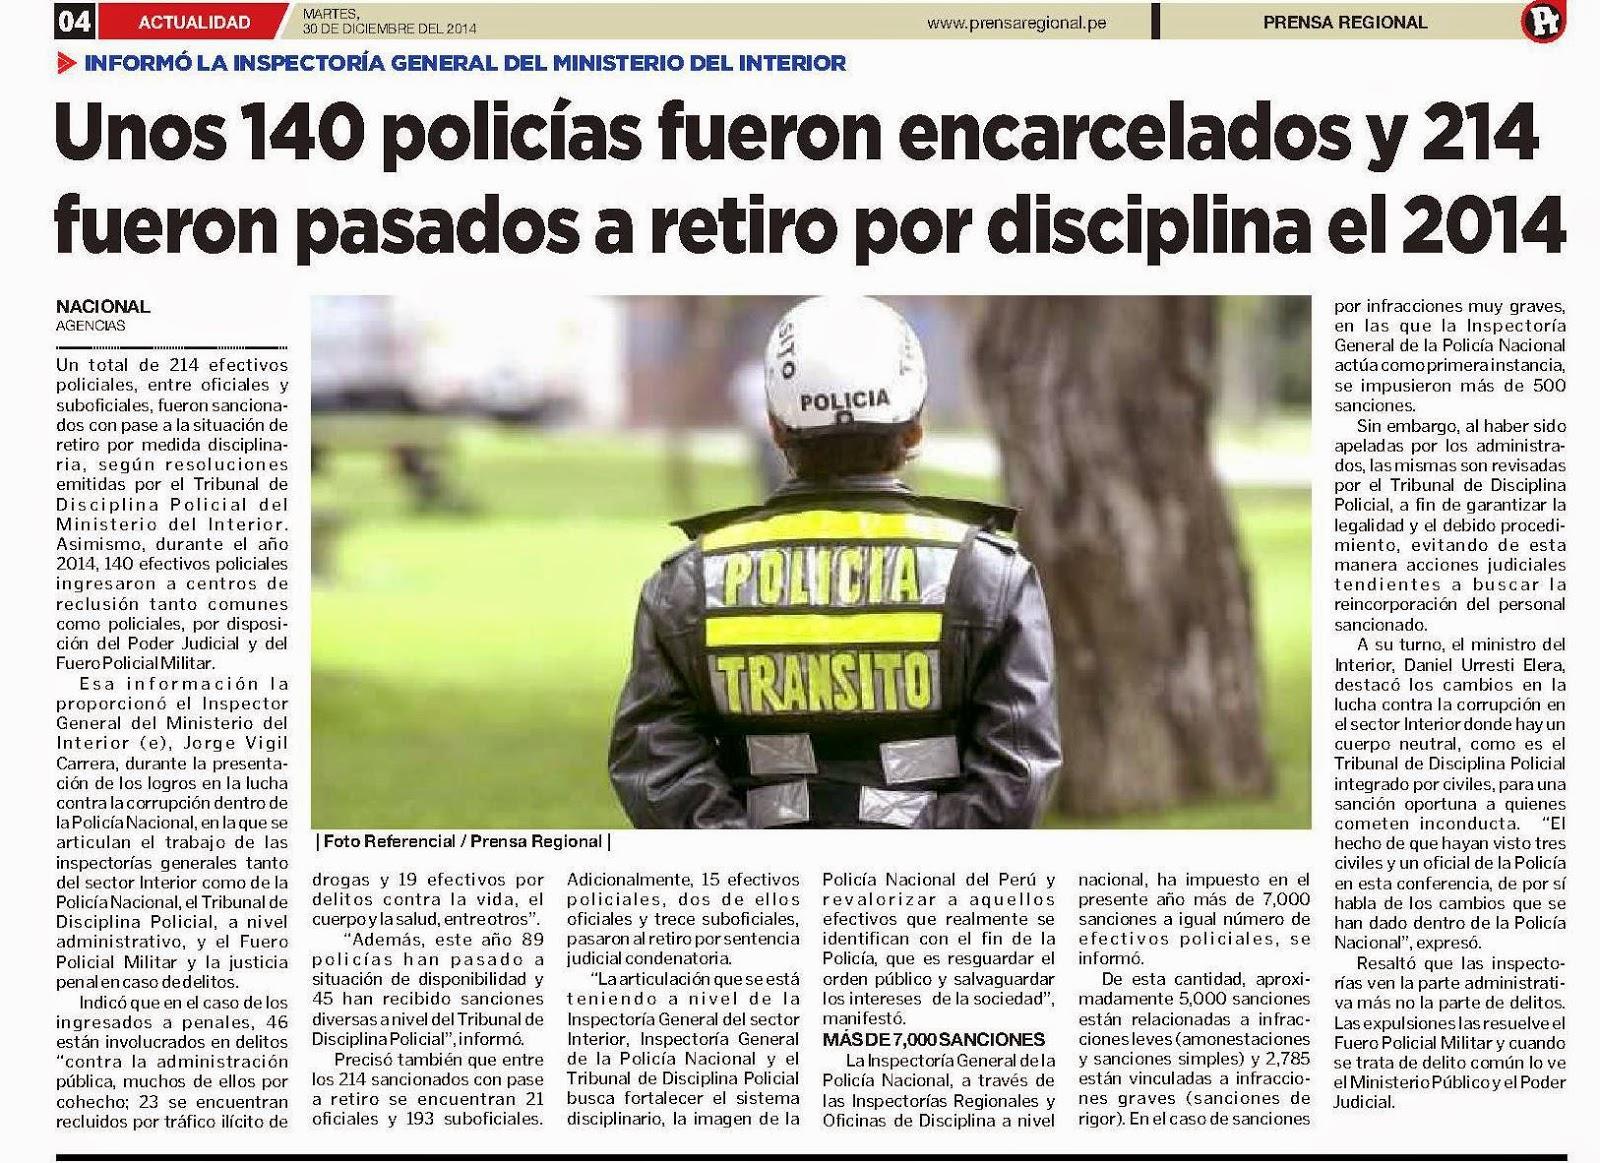 Grupo iniciativa anticorrupcion ilo unos 140 polic as for Pagina del ministerio del interior